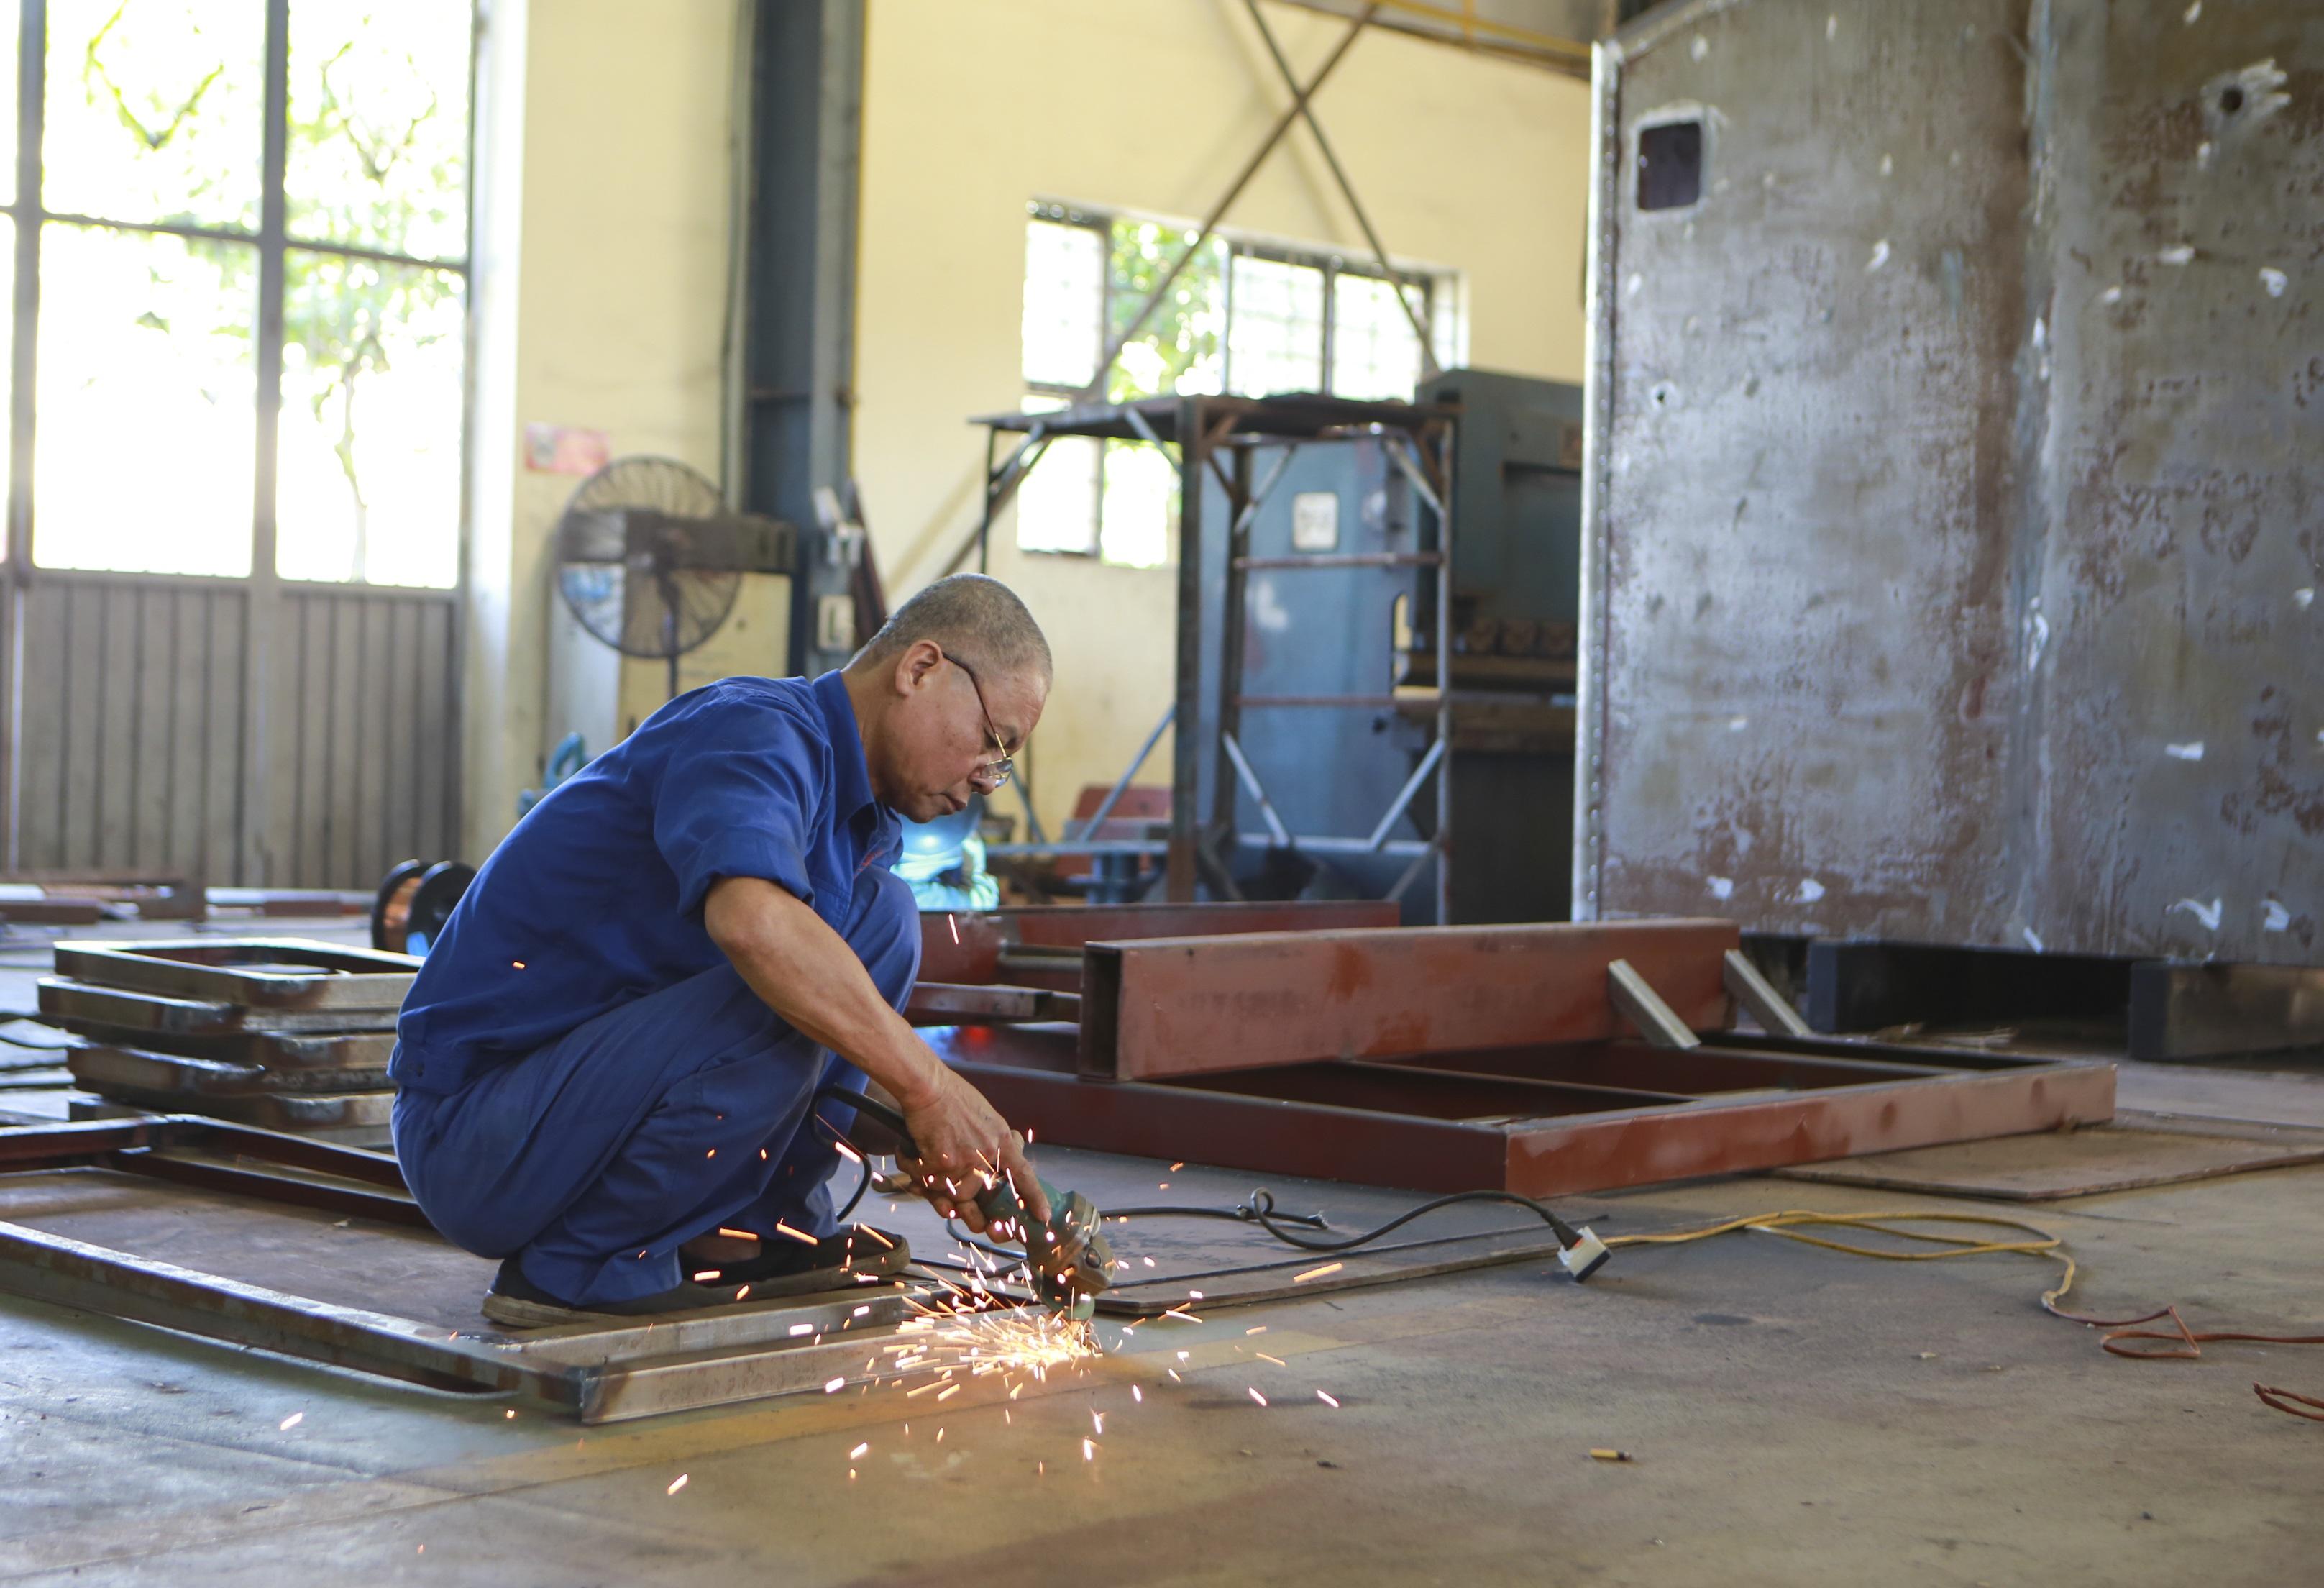 Khám phá xe công trình sửa chữa cơ khí tổng hợp của Quân đội Nhân dân Việt Nam - 10